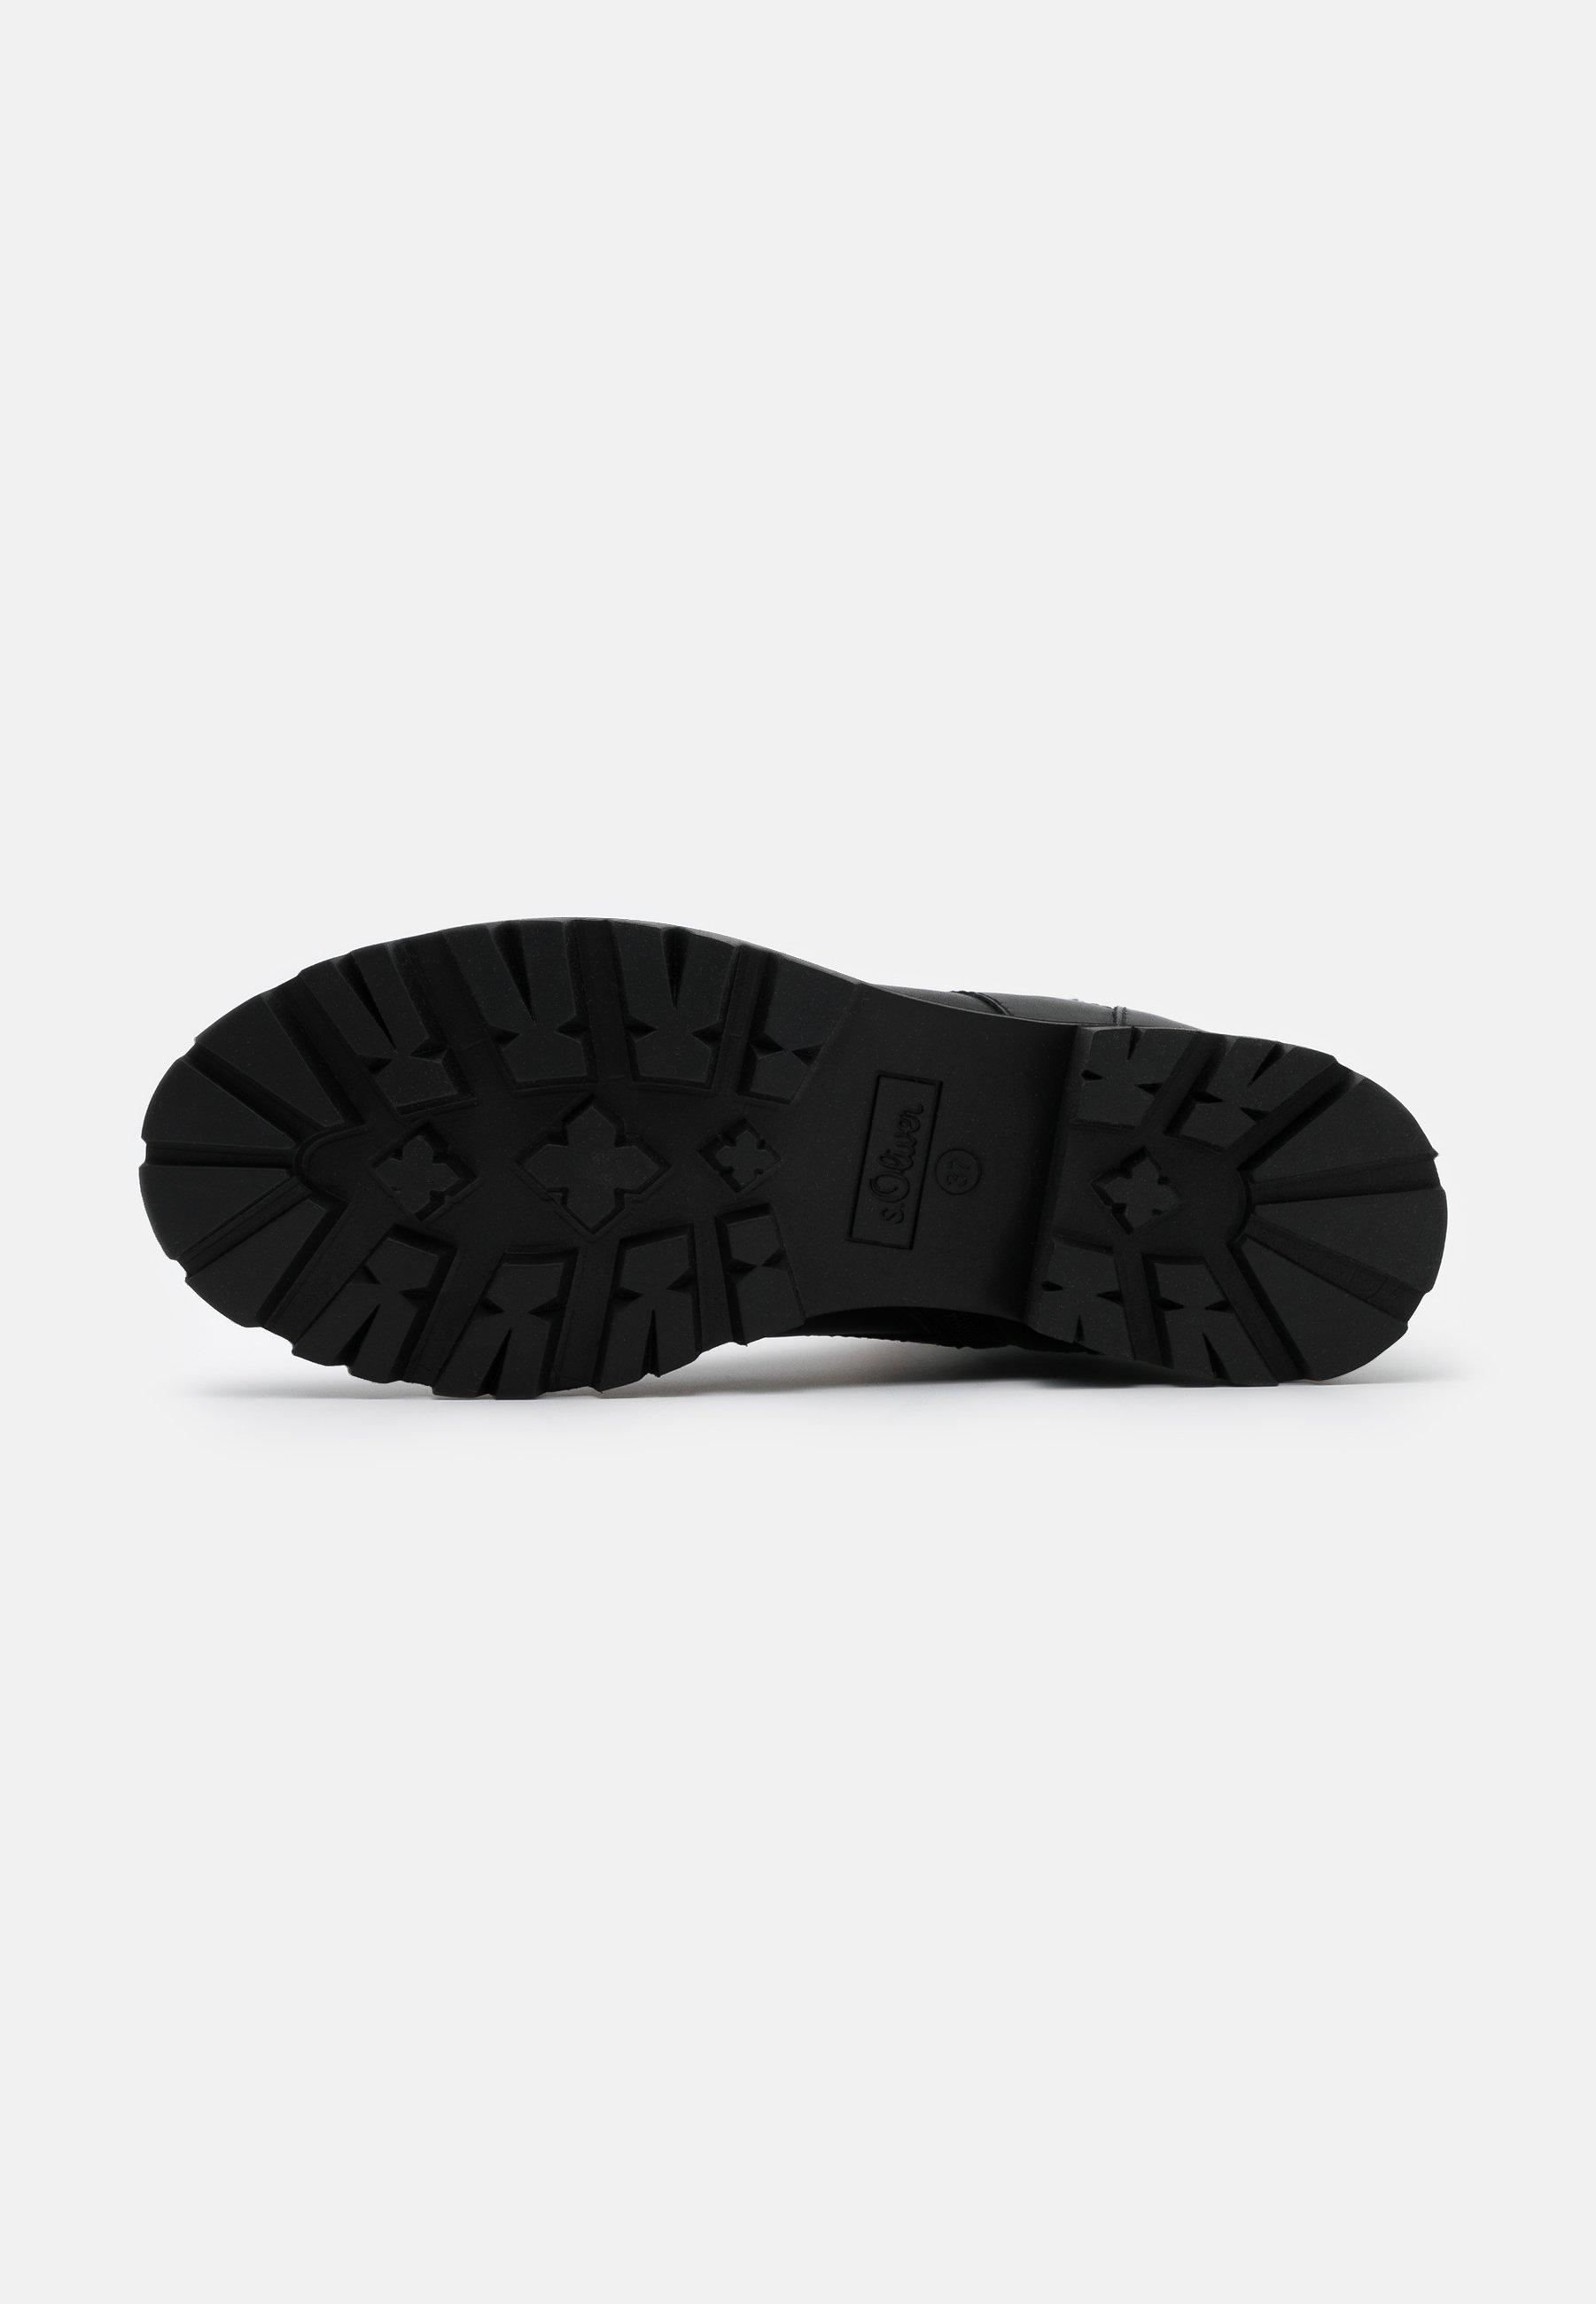 S.oliver Boots - Schnürstiefelette Black/schwarz